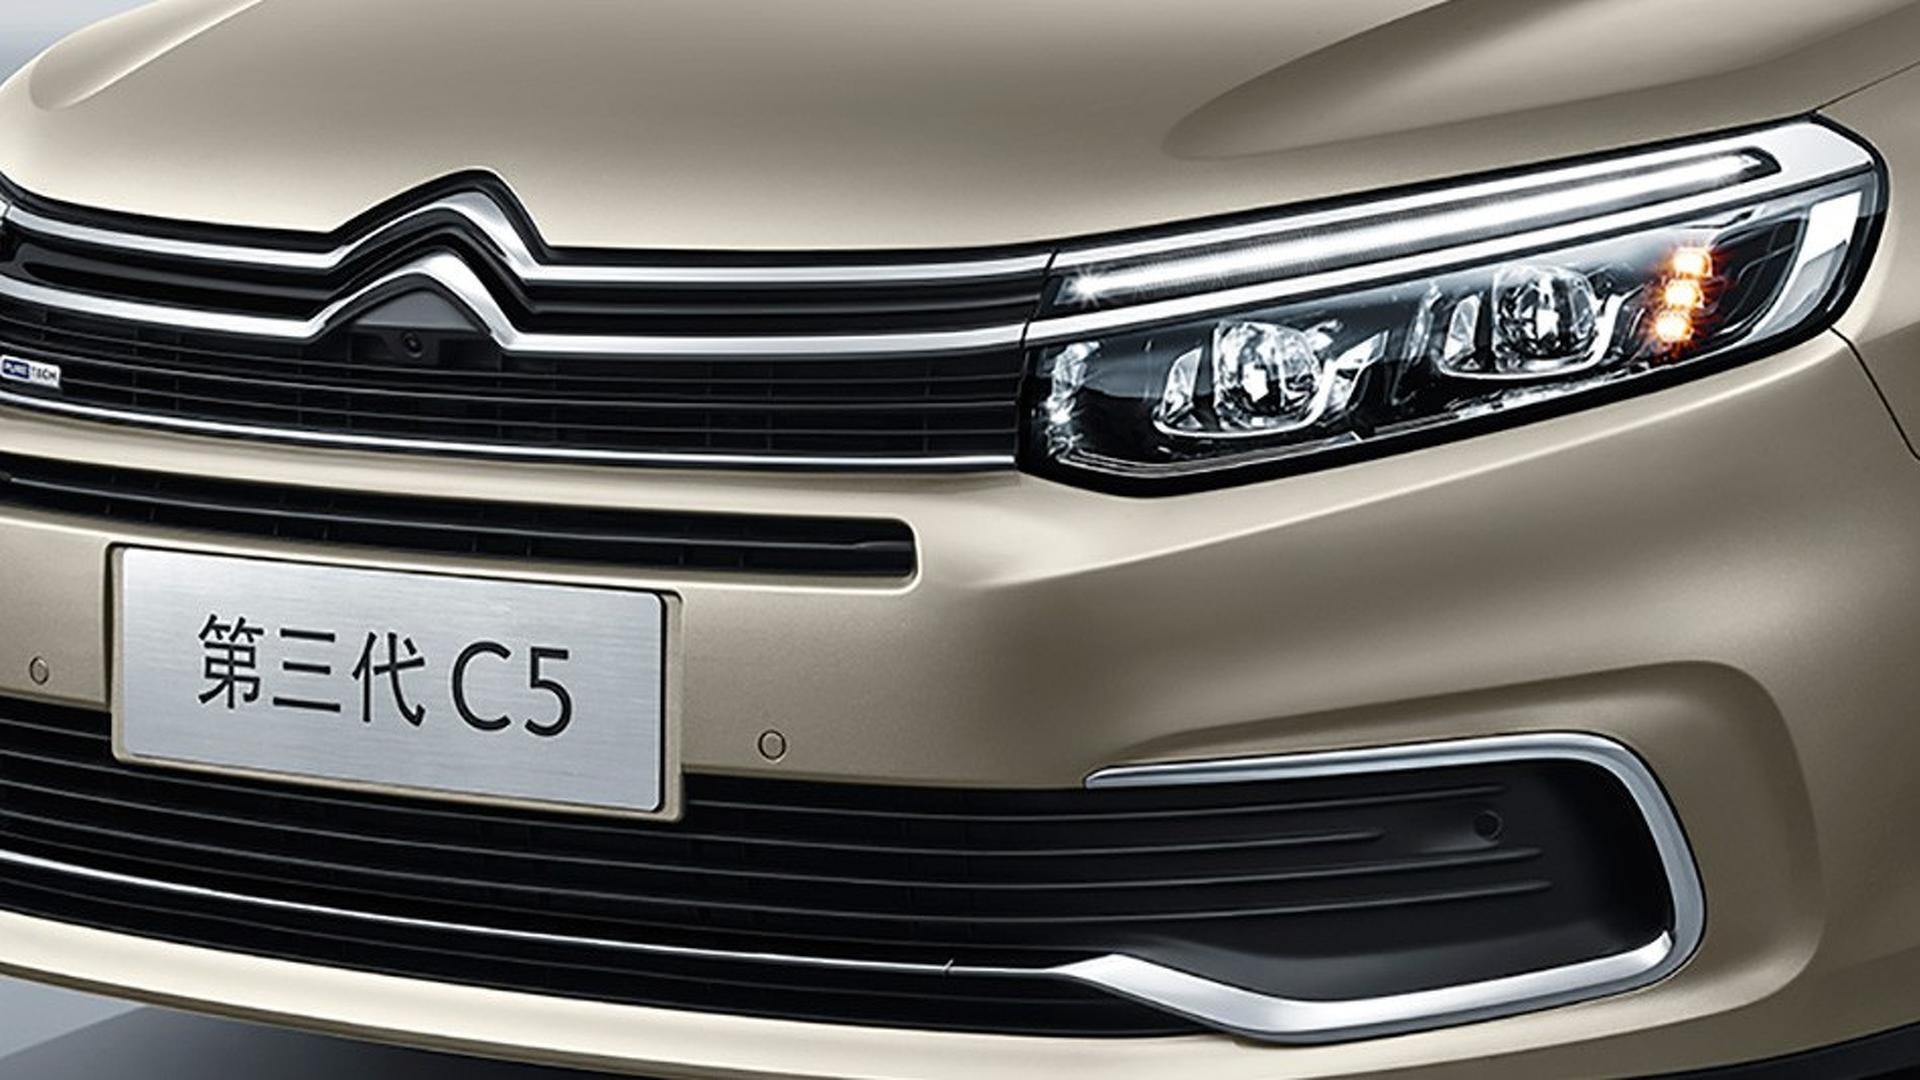 New Citroen C5 Confirmed For European Market Coming In 2020